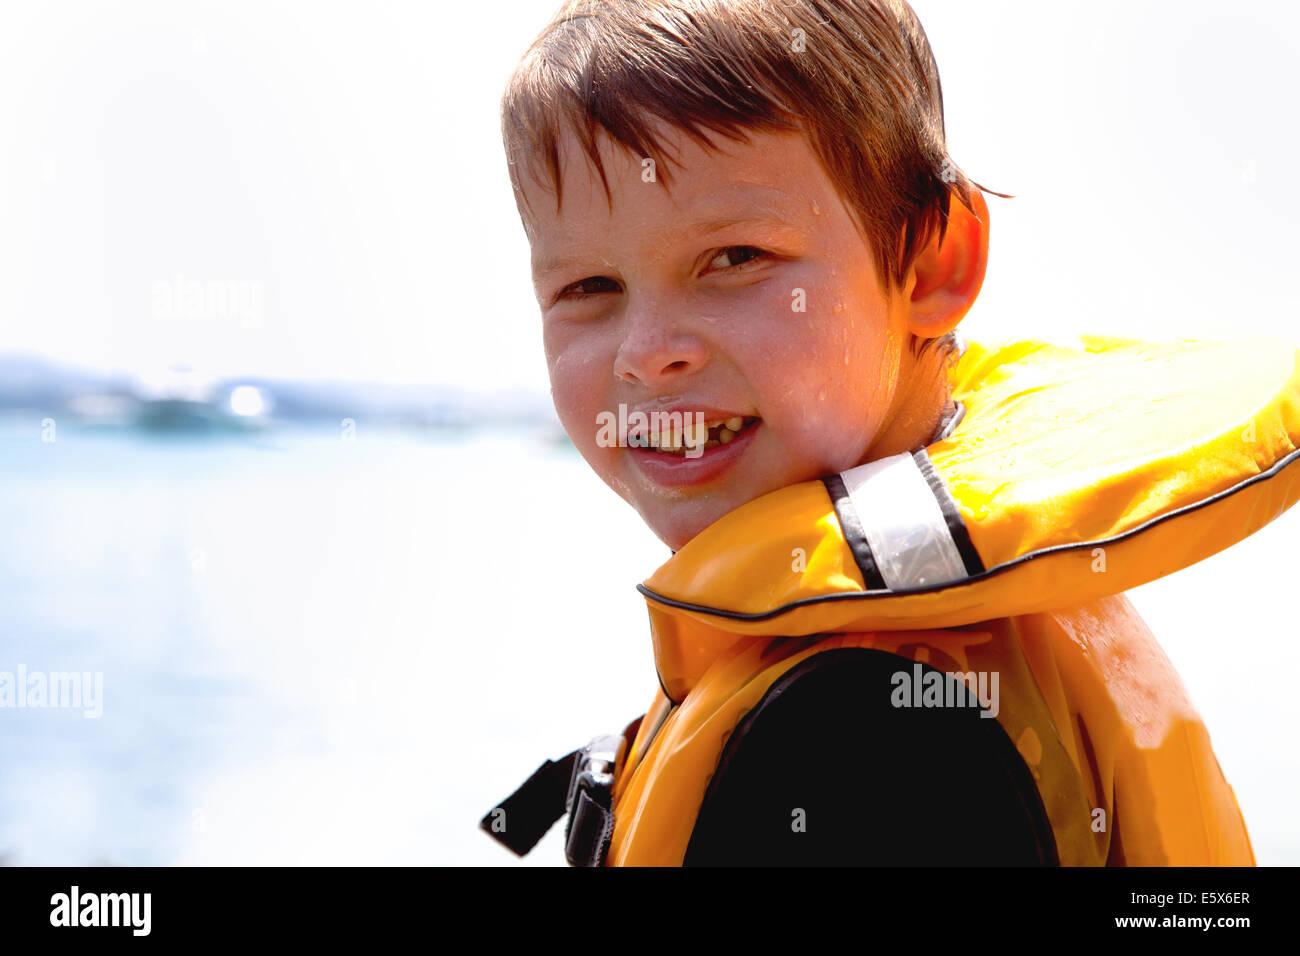 Porträt eines lächelnden jungen in Rettungsweste hautnah Stockfoto